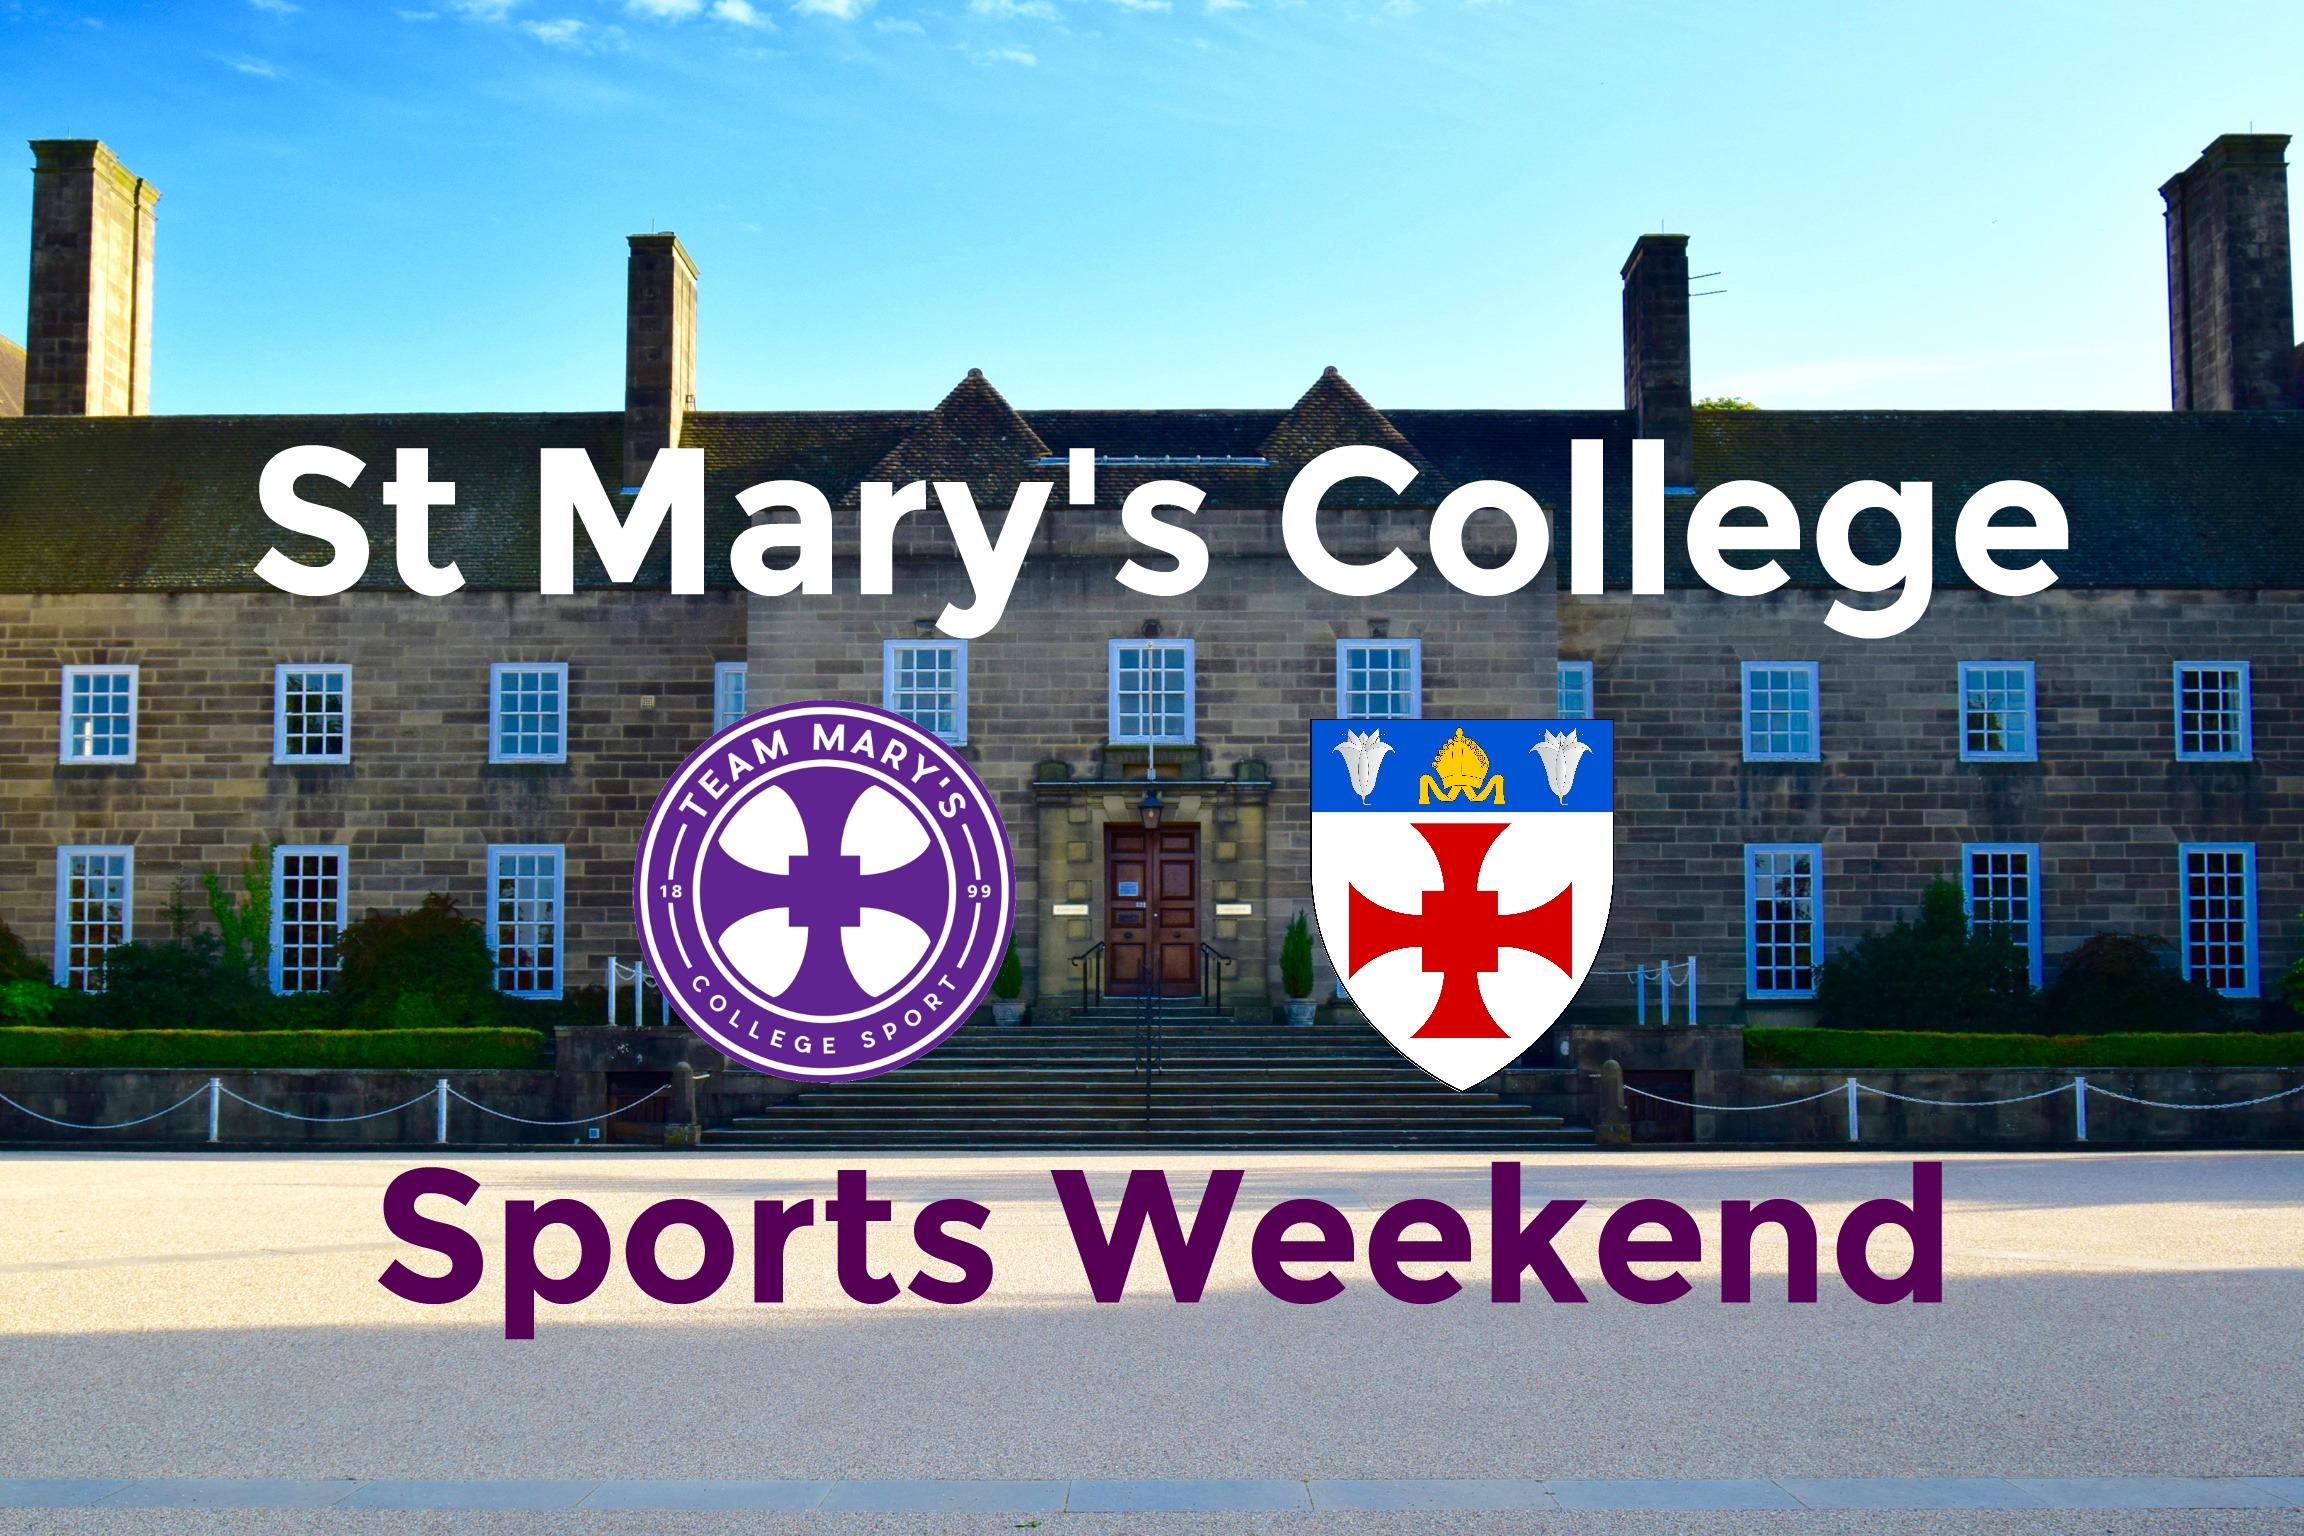 Sports Weekend